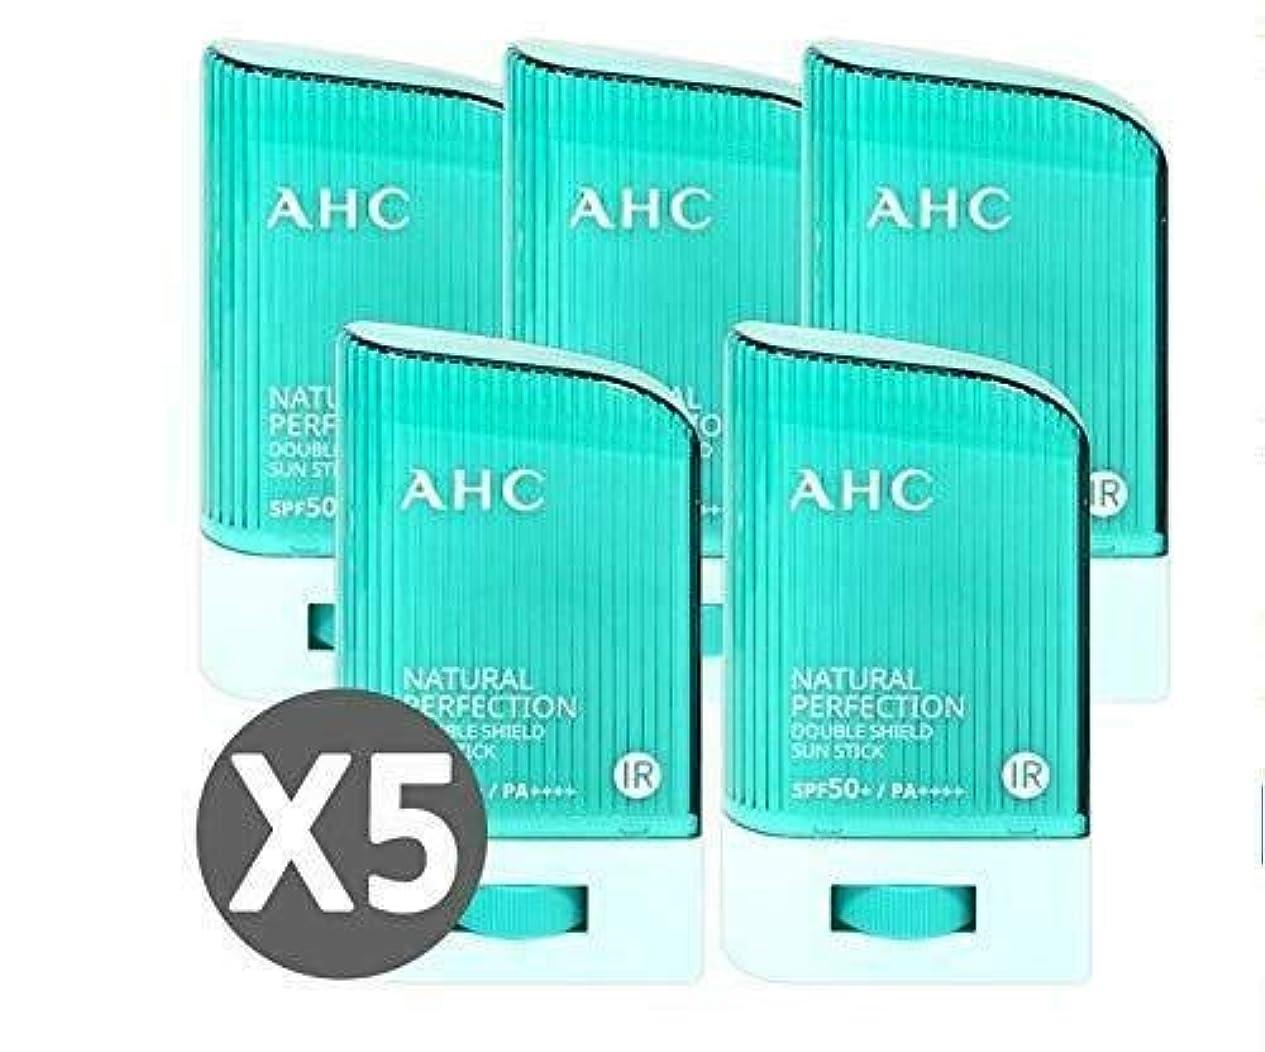 魅力的であることへのアピールずるい豪華な[ 5個セット ] AHC ナチュラルパーフェクションダブルシールドサンスティック 22g, Natural Perfection Double Shield Sun Stick SPF50+ PA++++